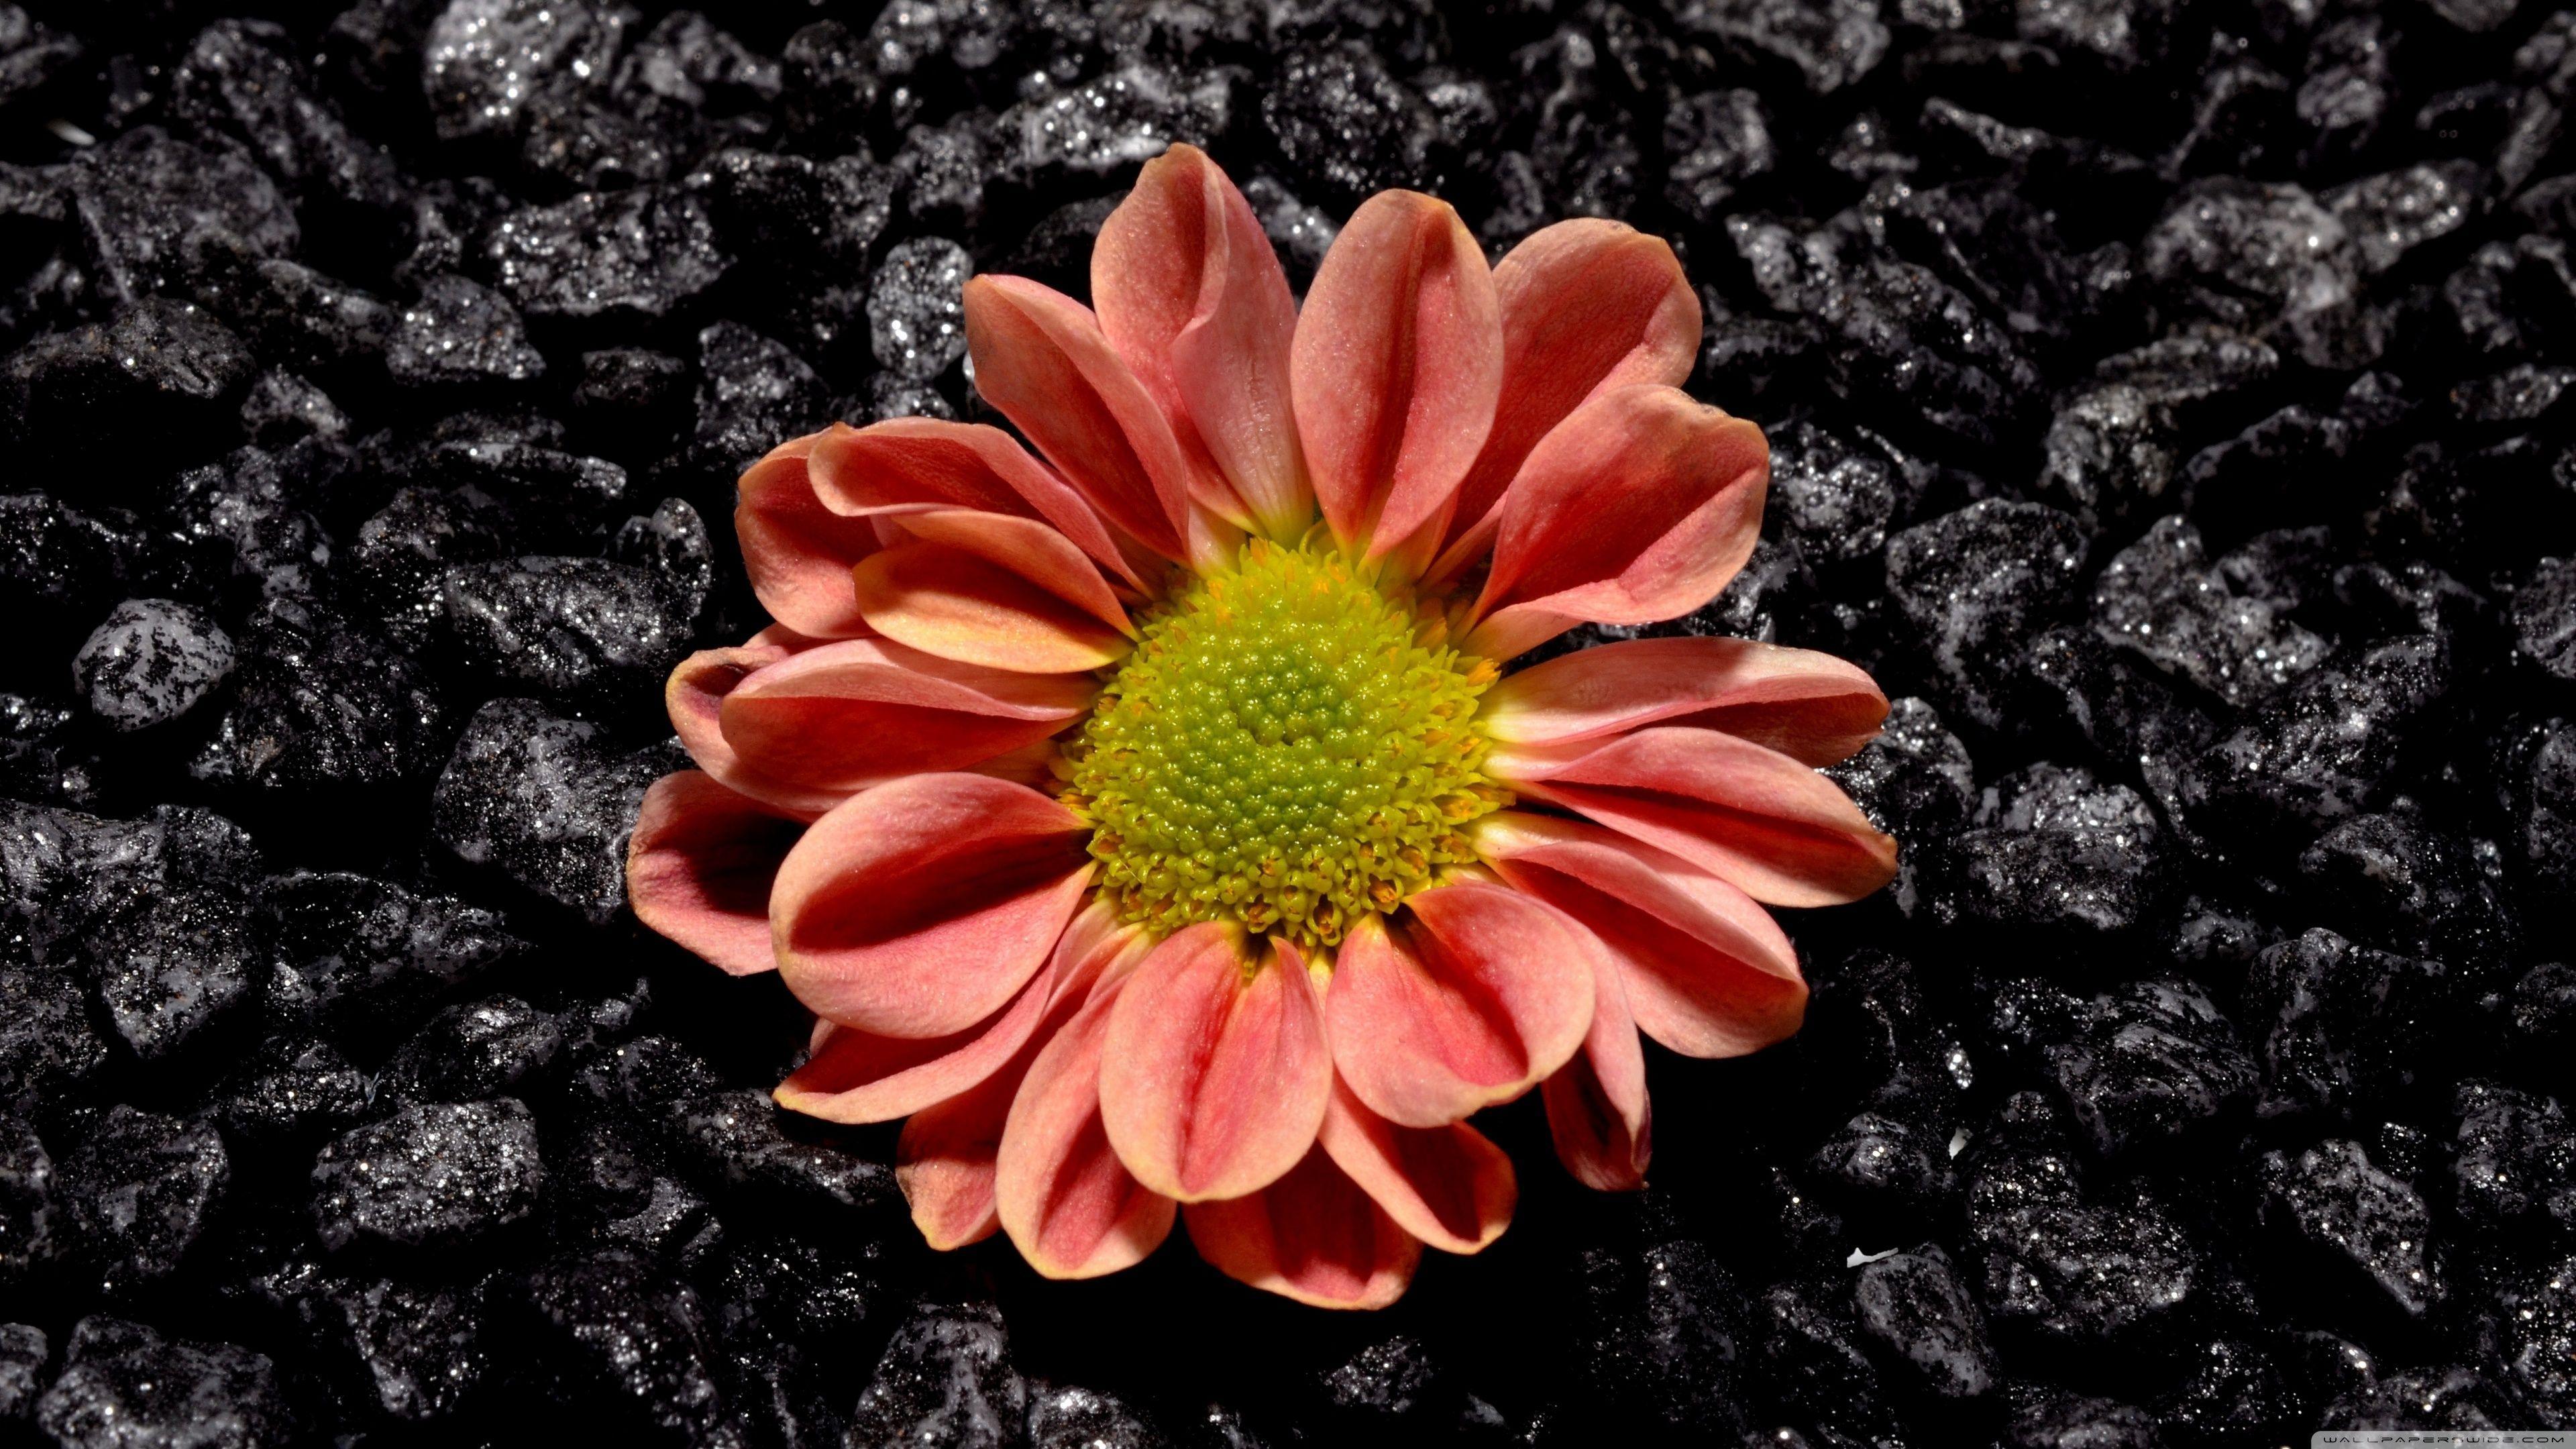 Ultra HD Flower Wallpapers - Top Free Ultra HD Flower ...